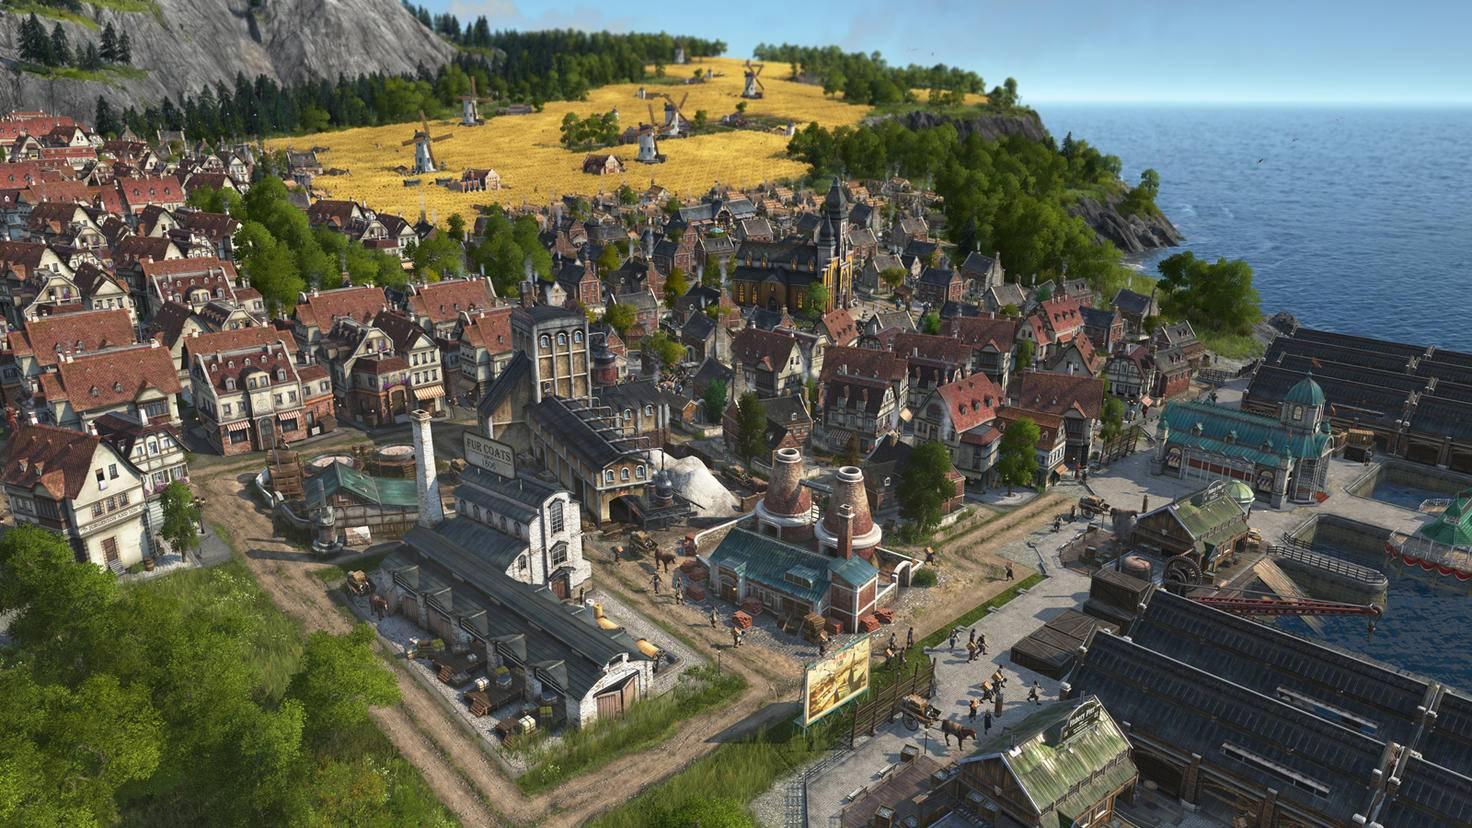 Nur glückliche Handwerker sind gute Handwerker! Sie sorgen dafür, dass Deine Stadt floriert.